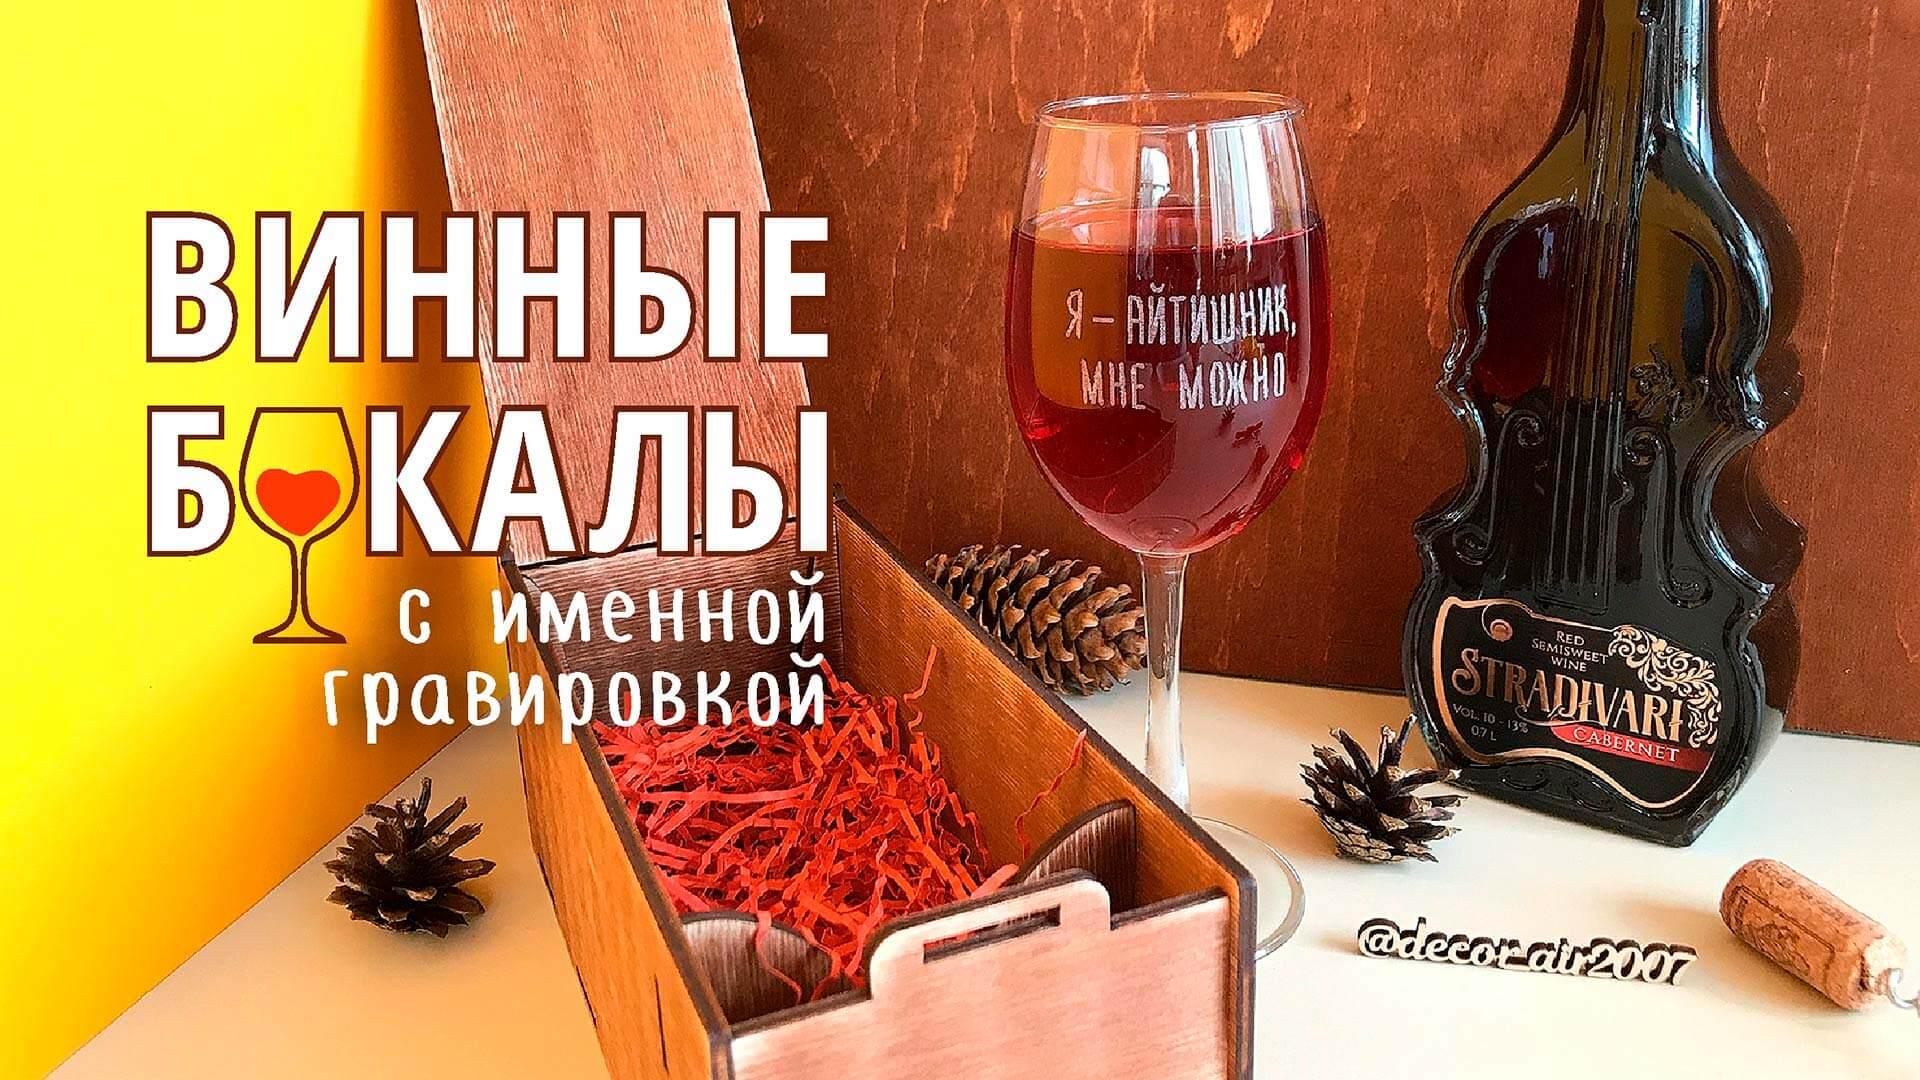 бокал с надписью купить для вина с гравировкой в интернет-магазине с доставкой по Беларуси